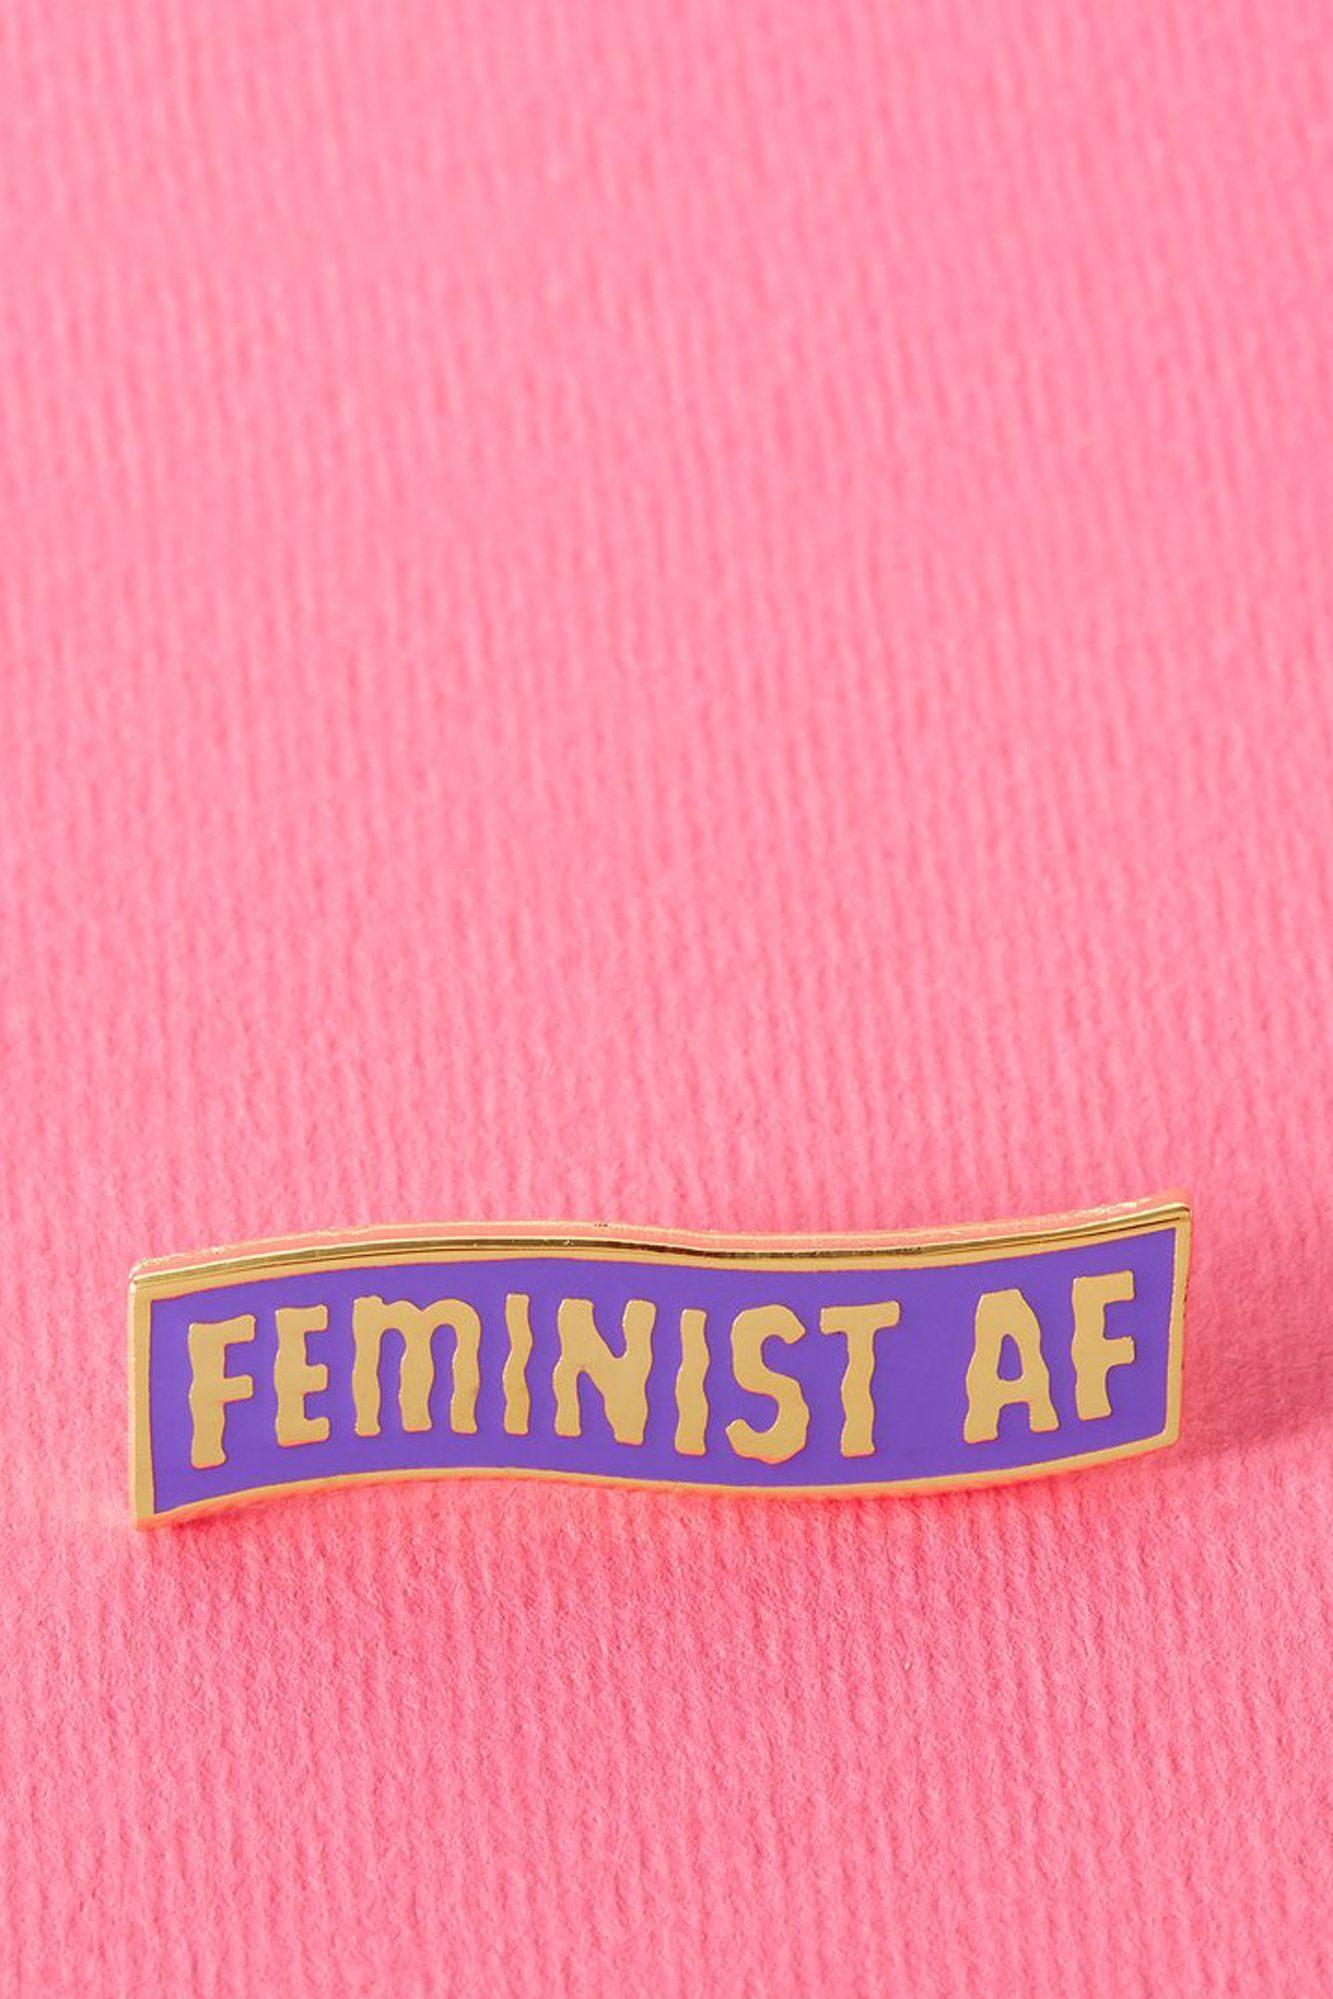 Feminist AF Enamel Pin